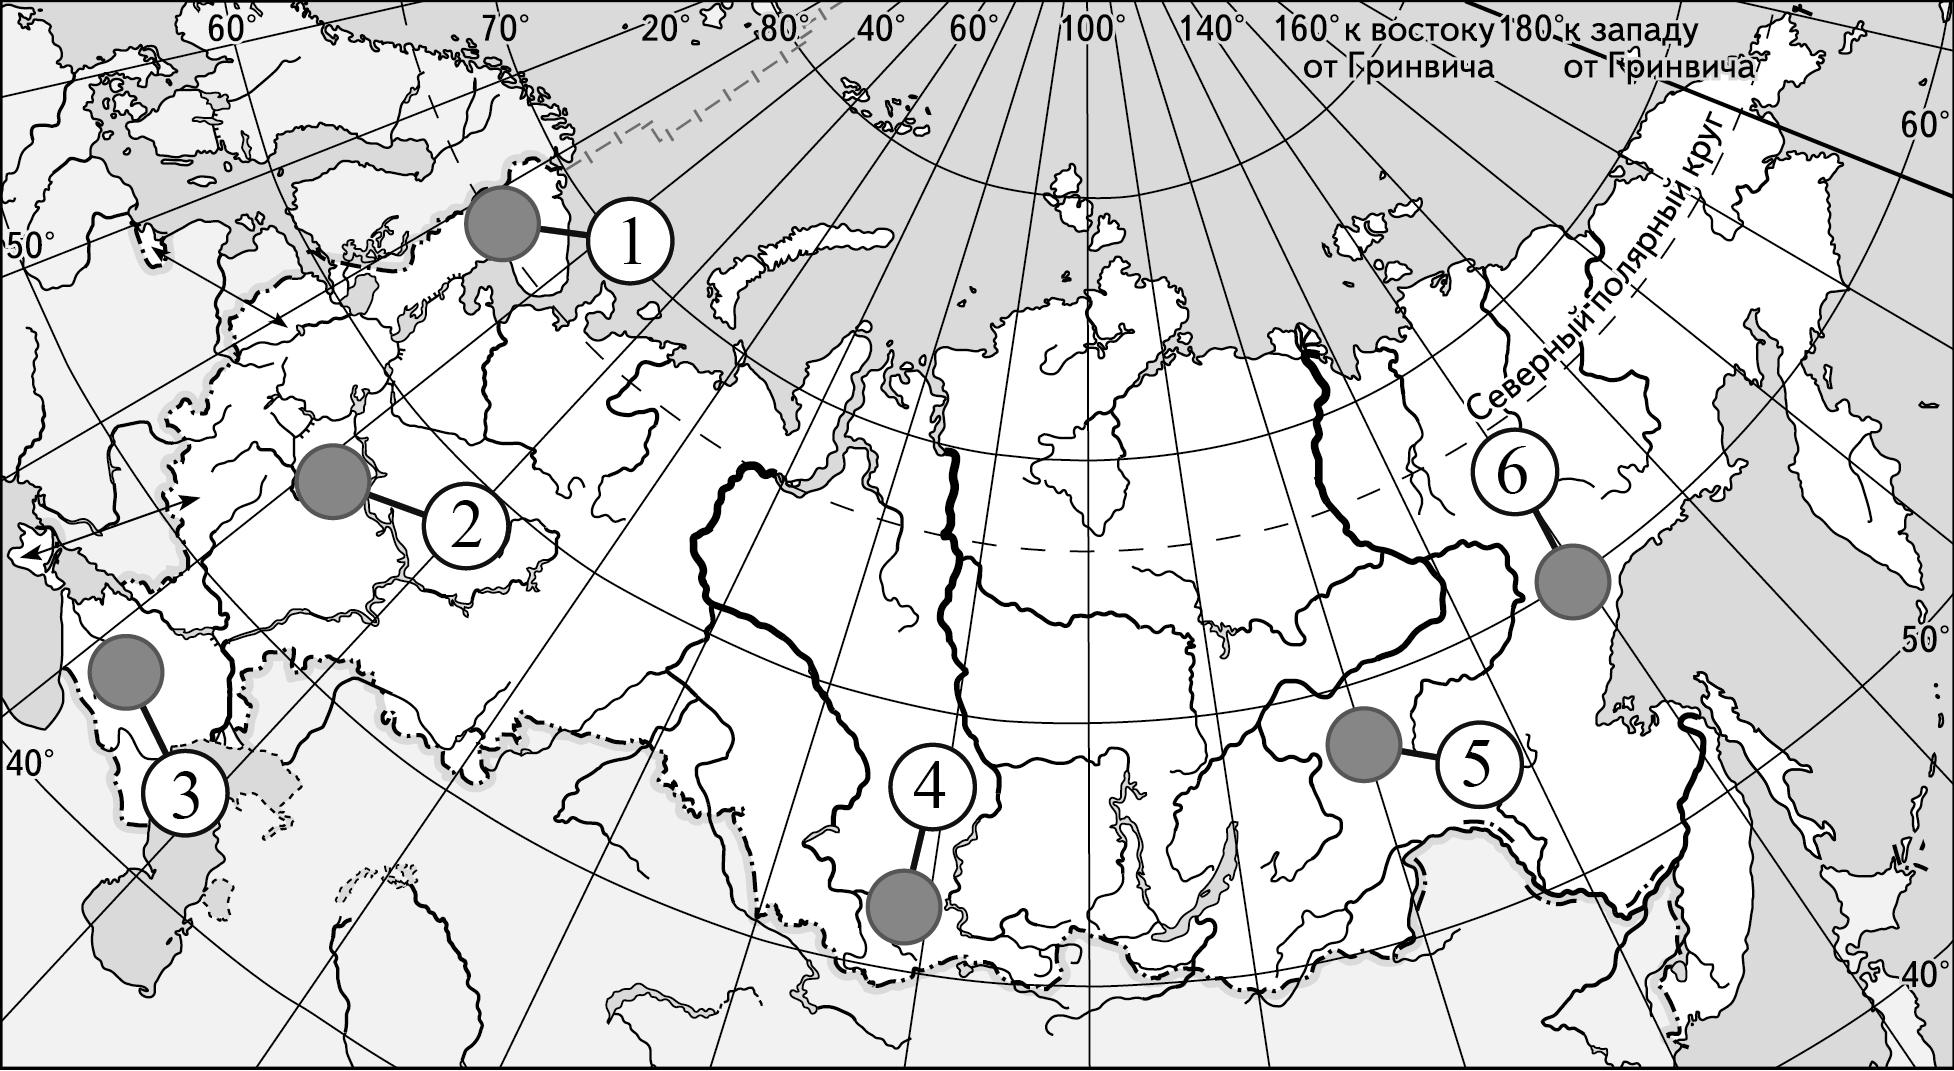 Какие три из обозначенных на карте России территорий имеют наибольшую среднюю плотность населения?